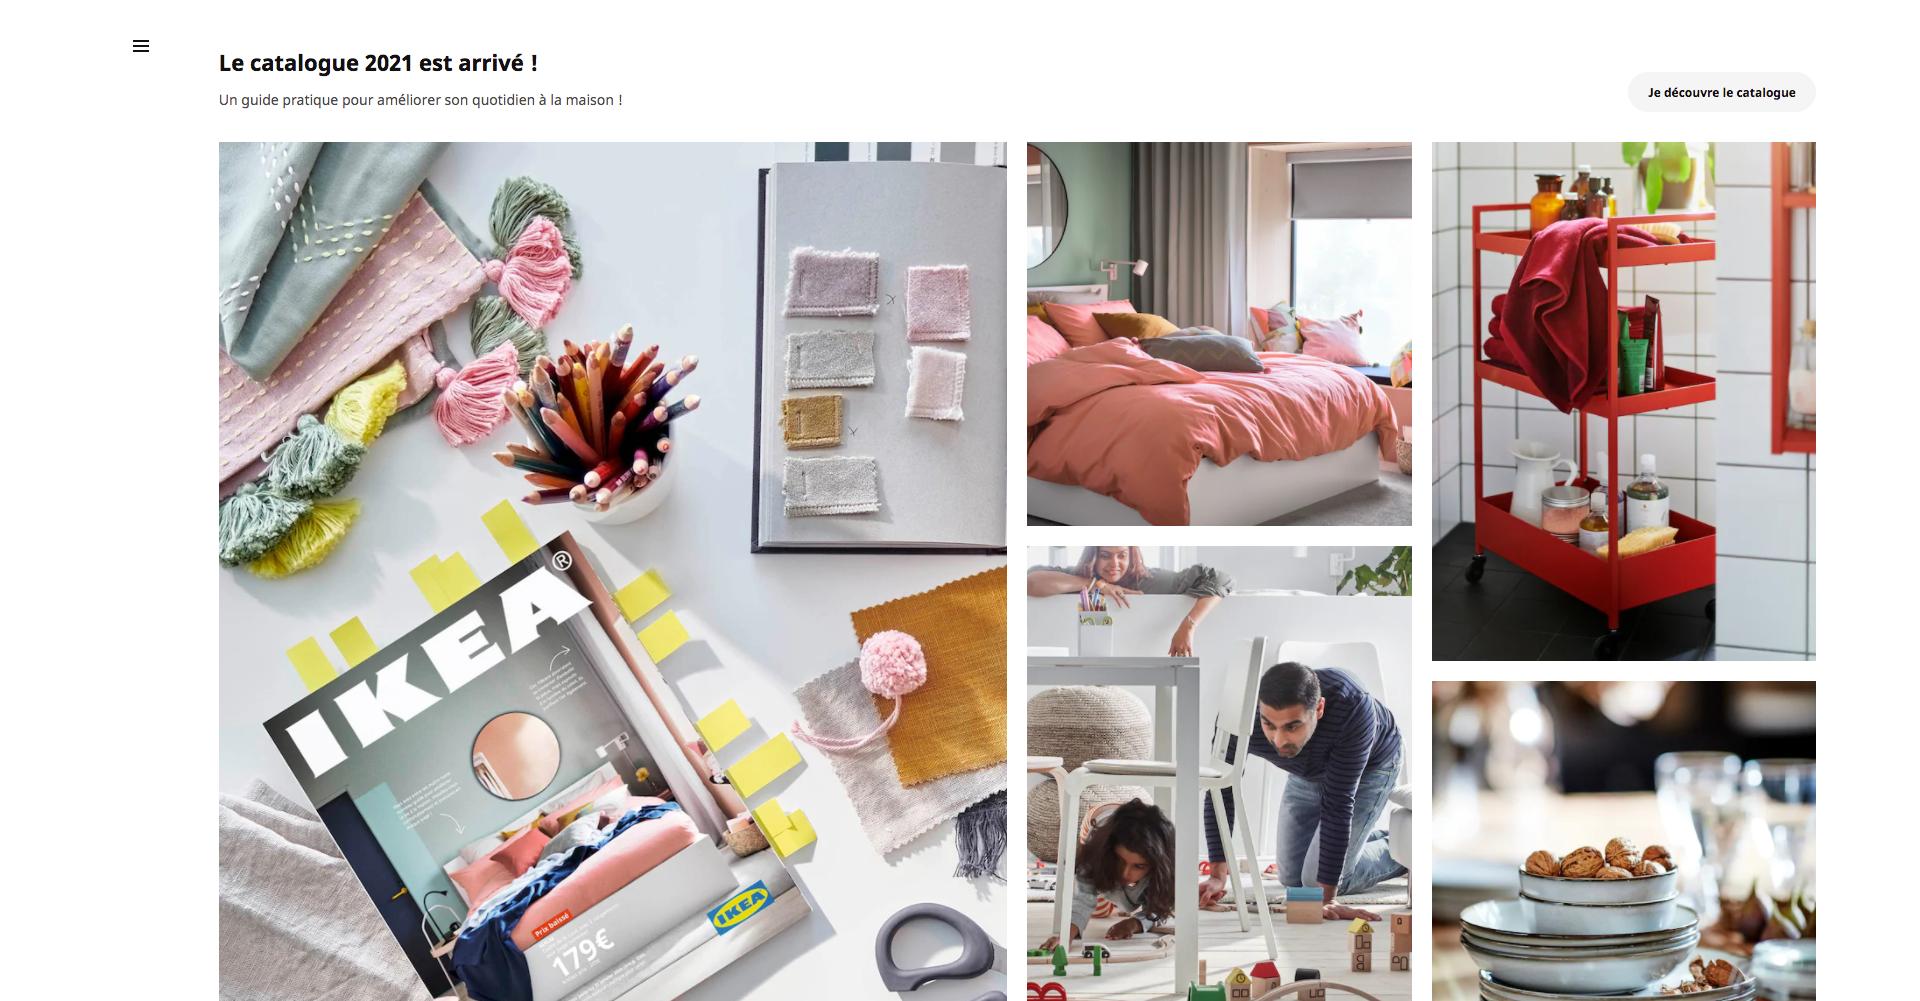 """Le catalogue IKEA est un """"guide pratique pour améliorer son quotidien à la maison"""""""